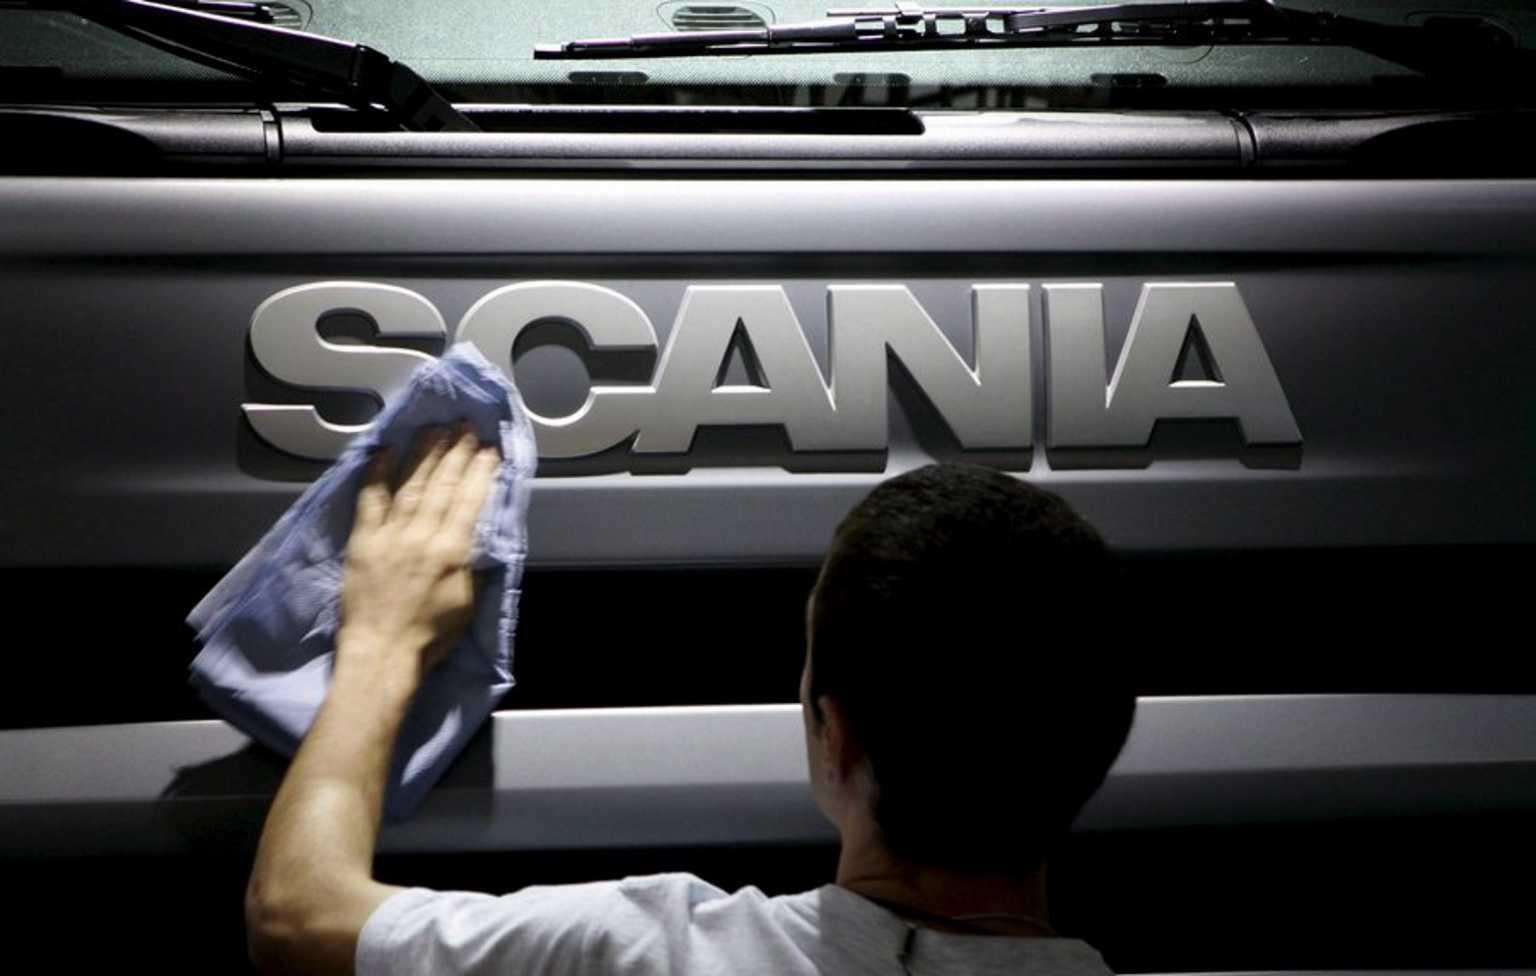 Σουηδία: Στη φυλακή 47χρονος που πωλούσε μυστικά της Scania σε Ρώσο διπλωμάτη